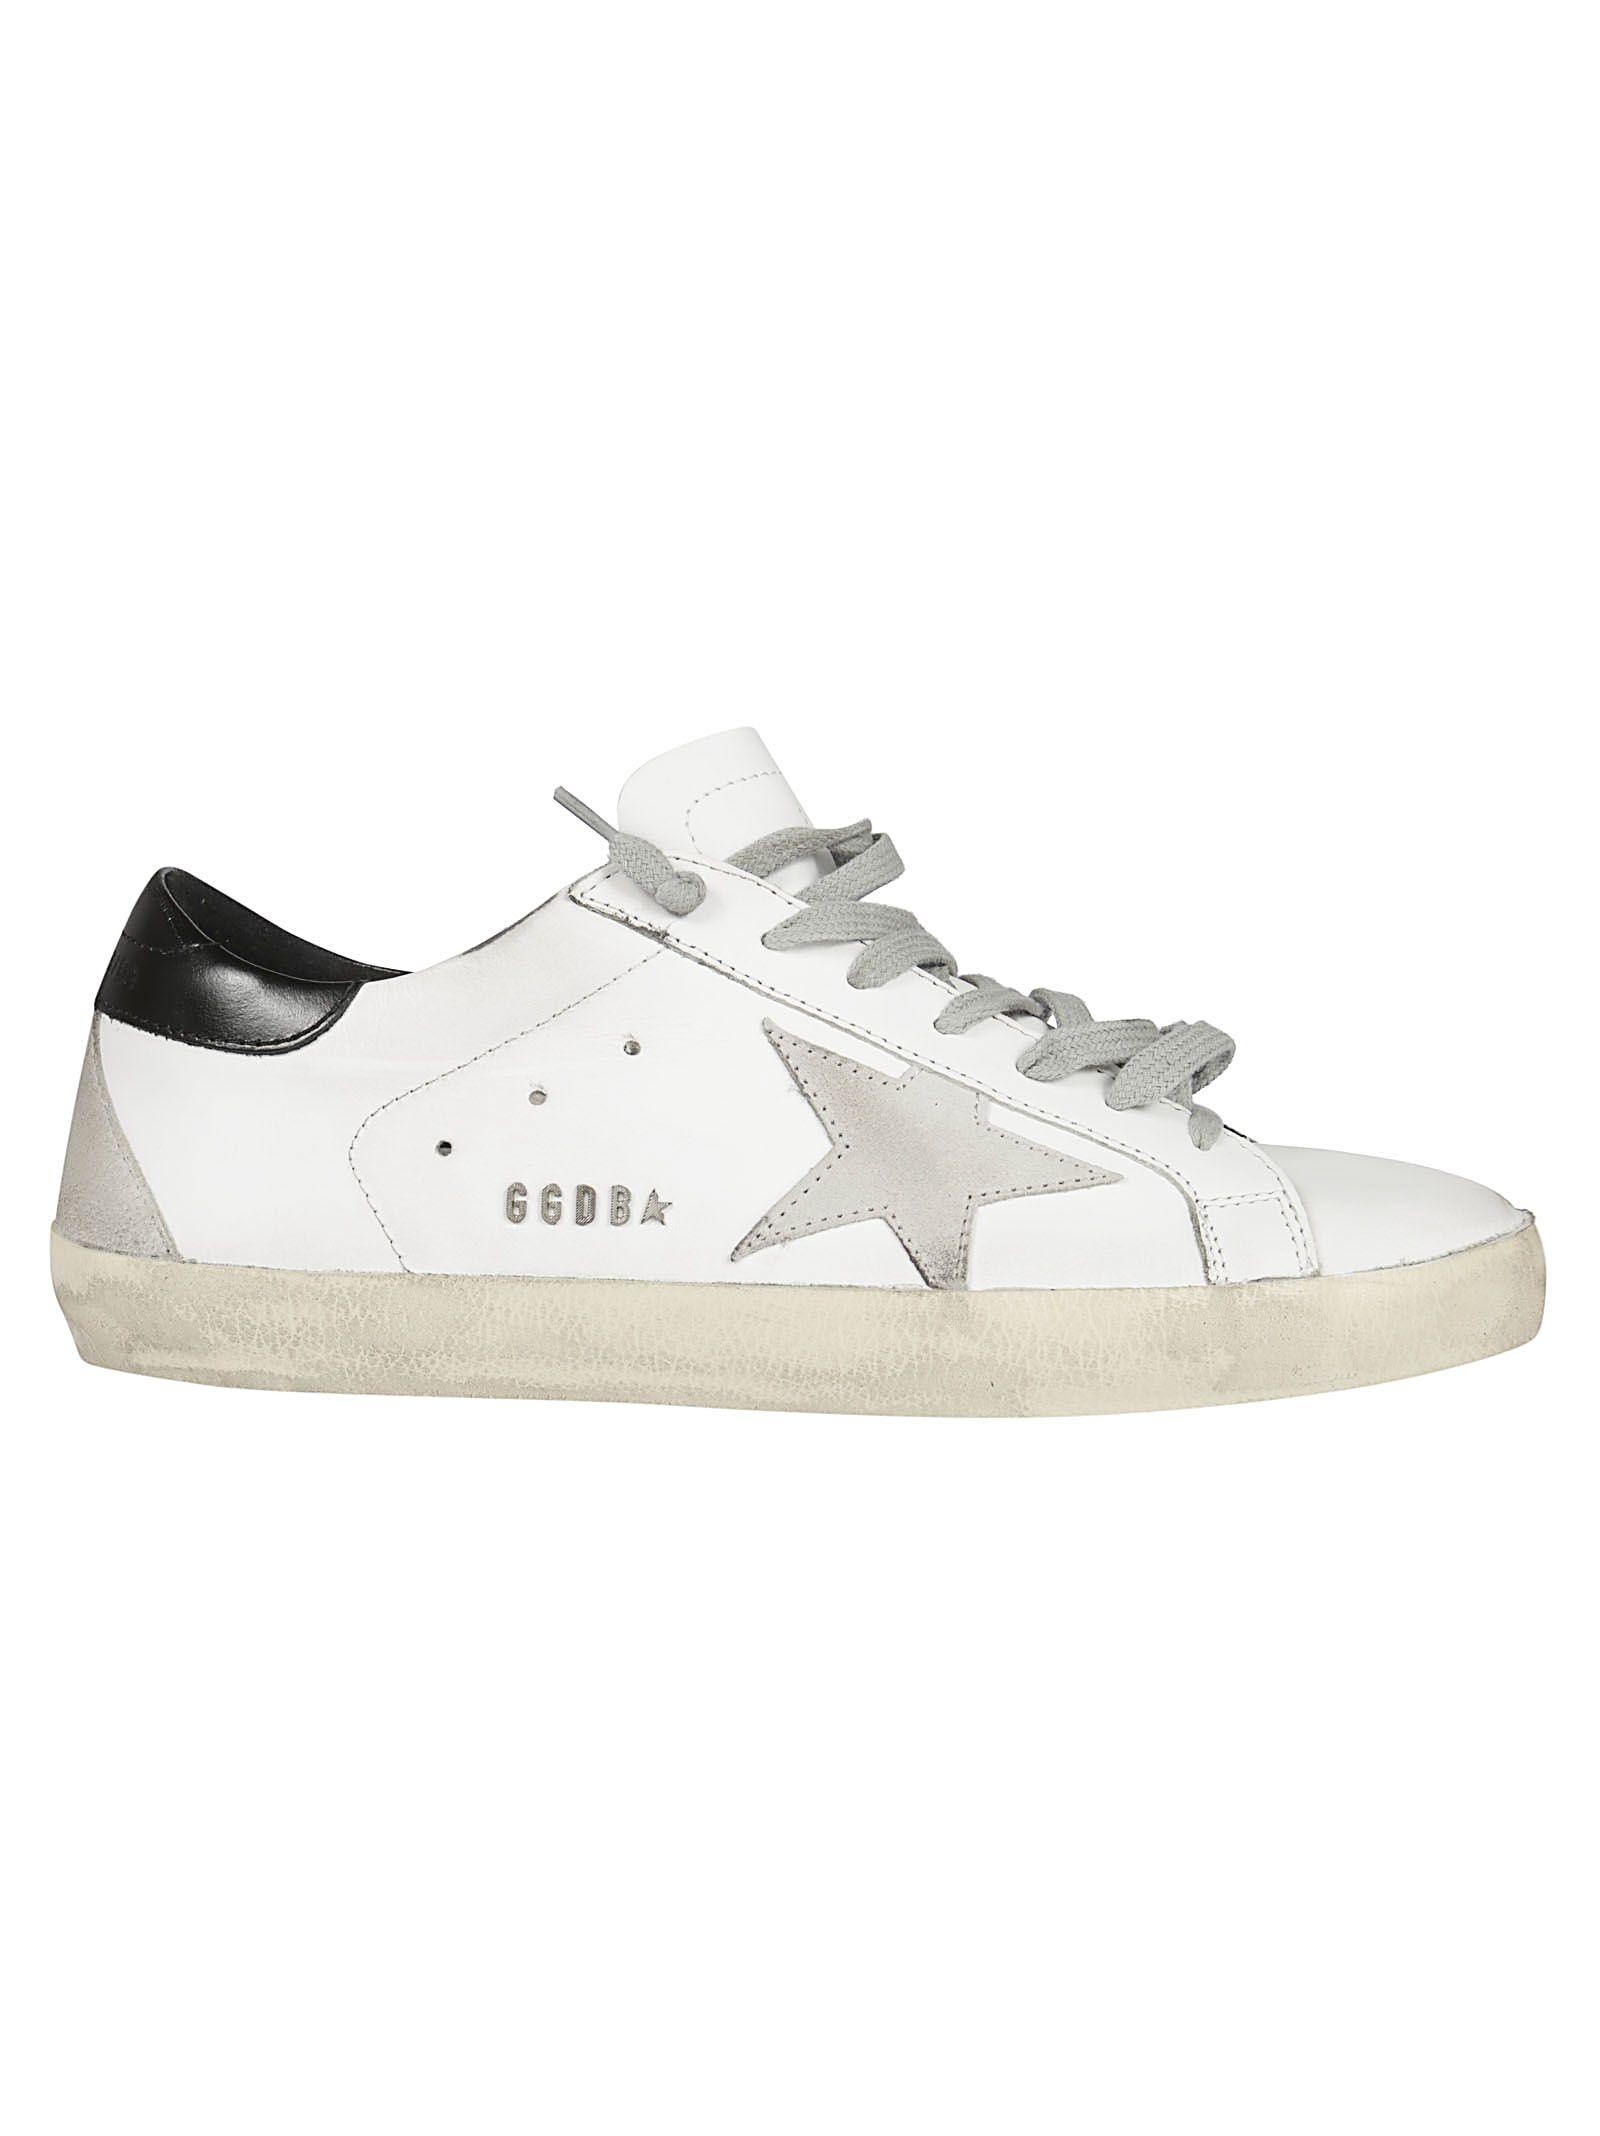 GOLDEN GOOSE Deluxe Brand Superstar Low-Top Sneakers, White Cord Gum